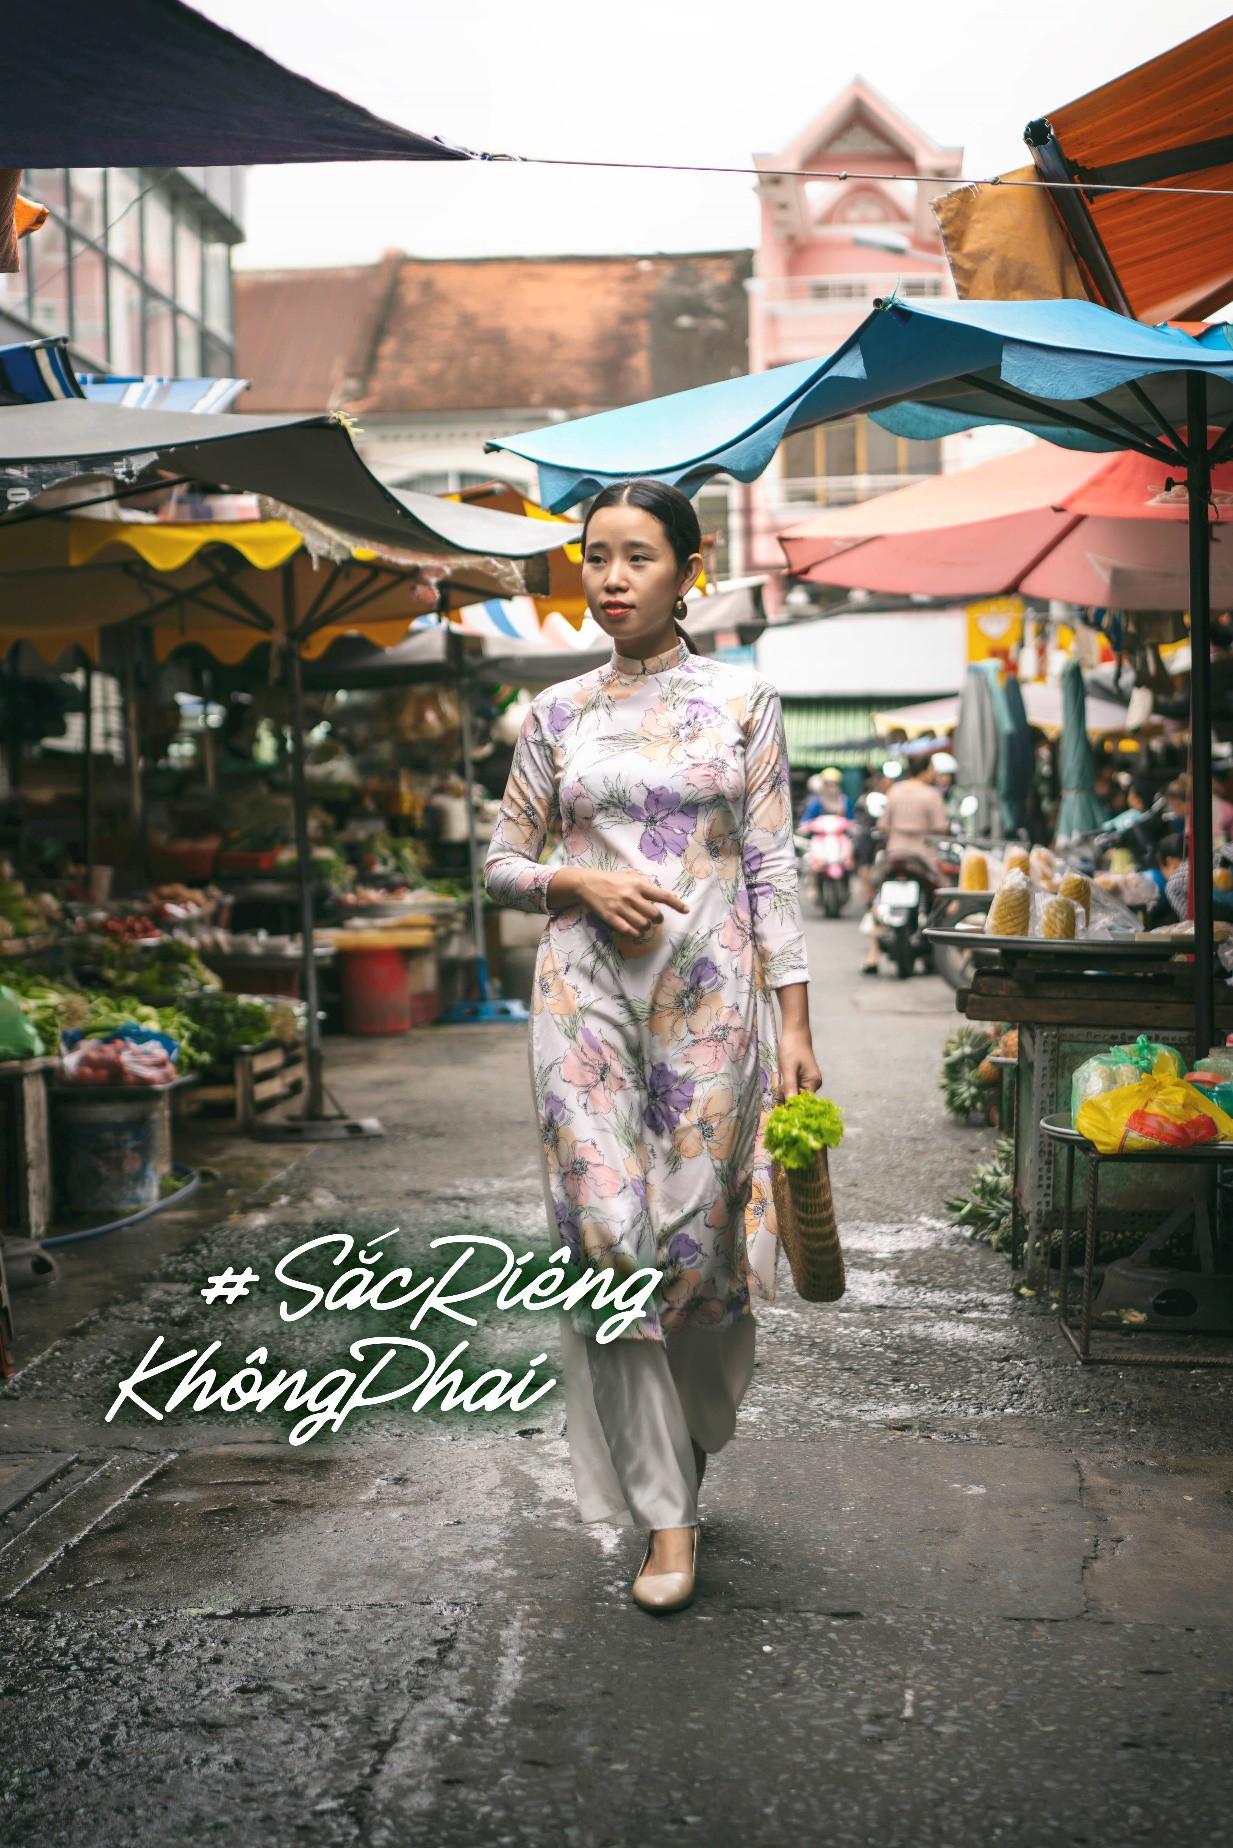 HHen Niê kêu gọi chị em phụ nữ chia sẻ kỉ niệm tỏa sáng với áo dài Việt - Ảnh 3.